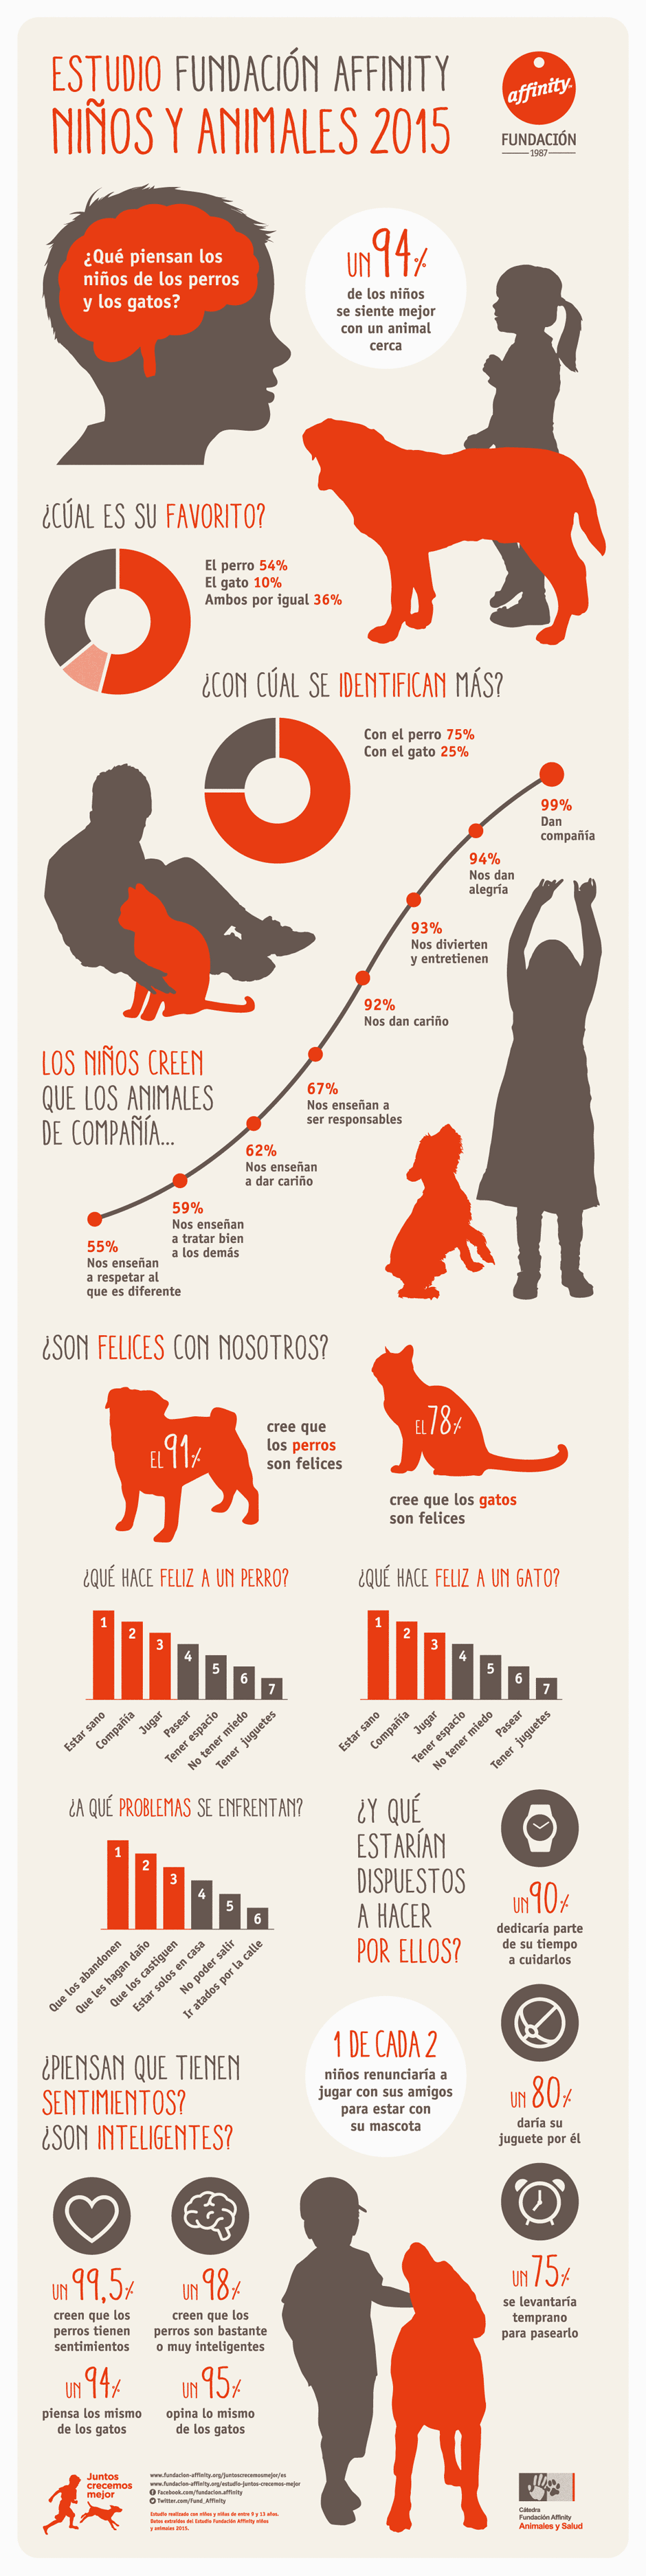 infografia-del-estudio-fundacion-affinity-ninos-y-animales-2015.png